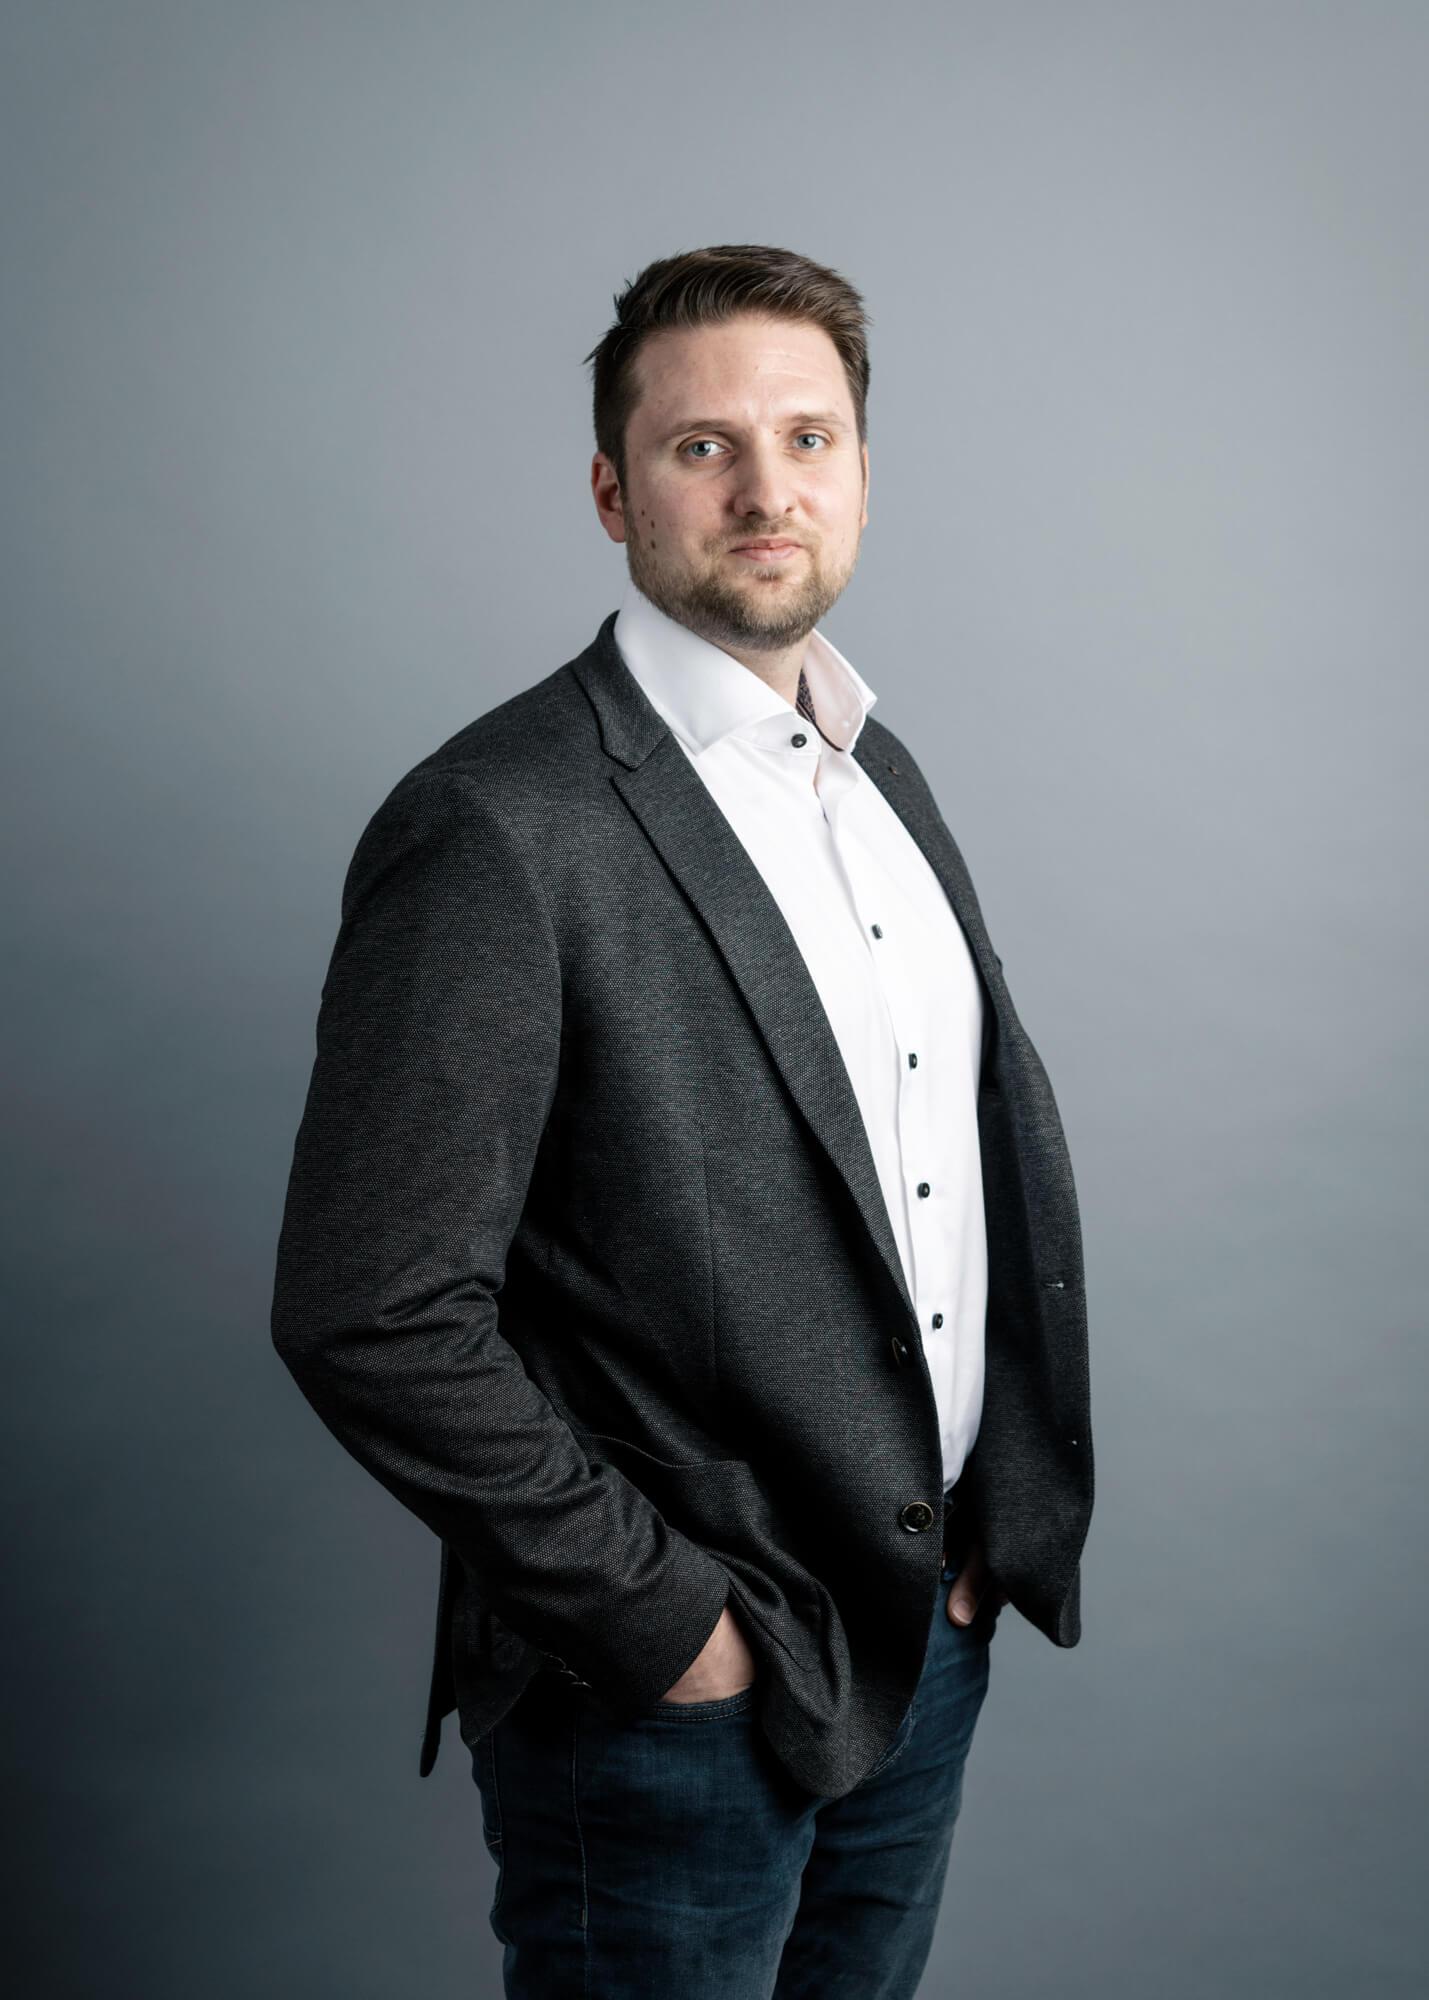 Matthias Schandlbauer BA